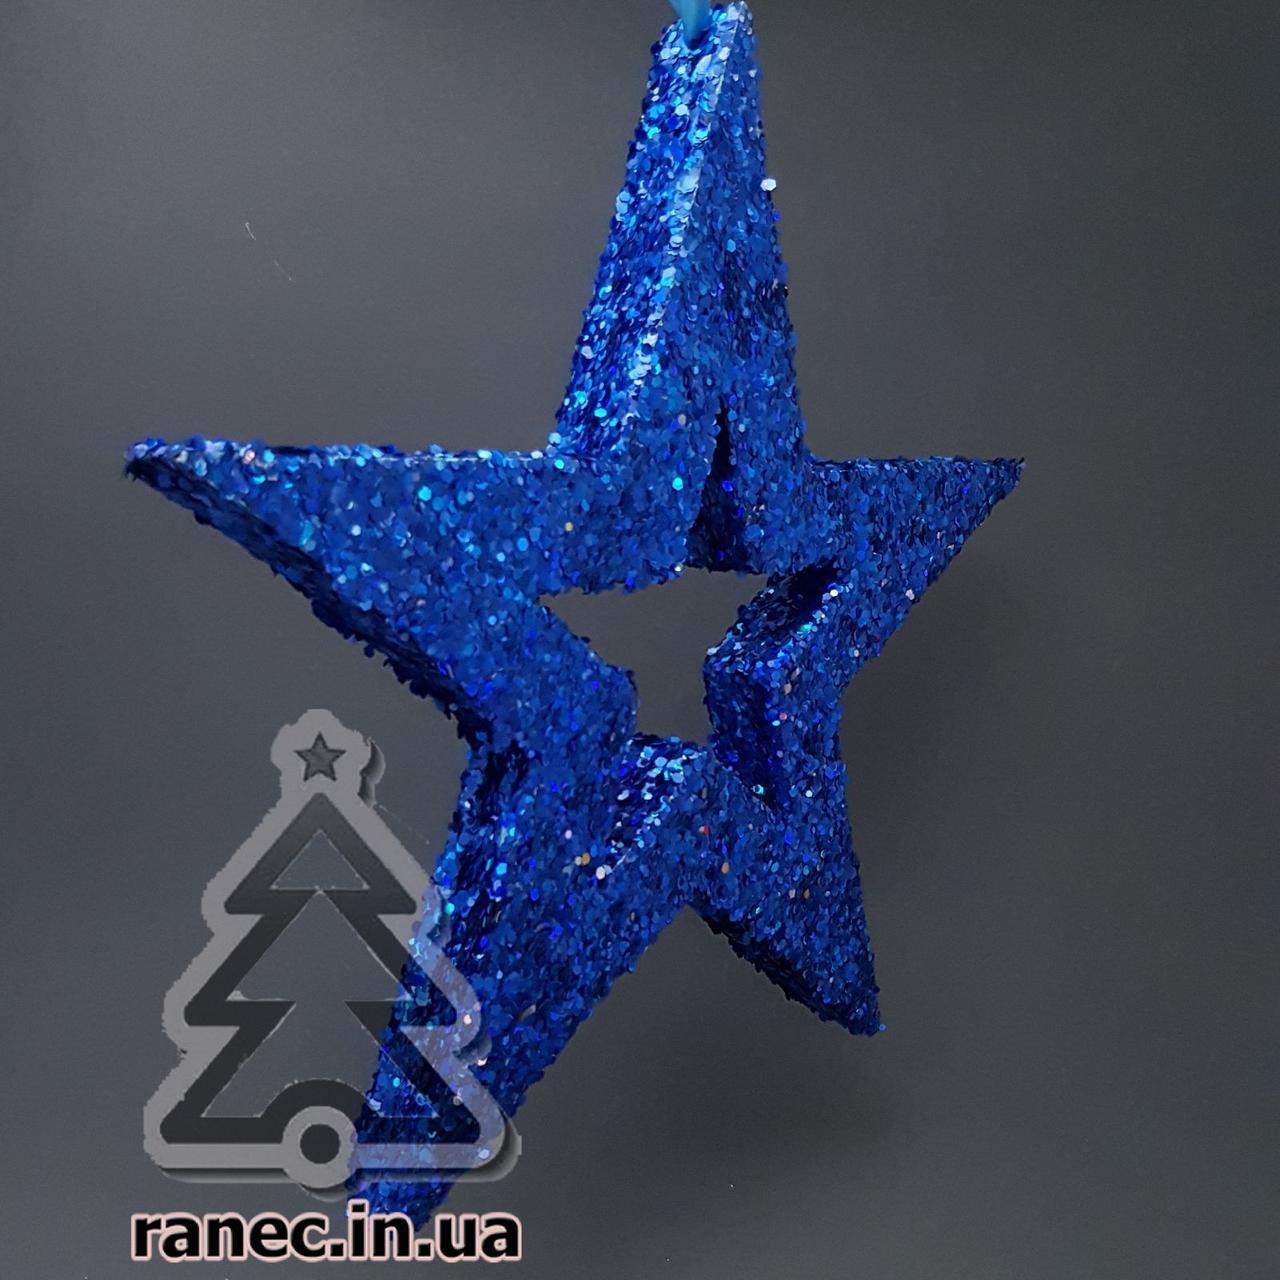 Звезда из пенопласта с присыпкой 34 см Синяя